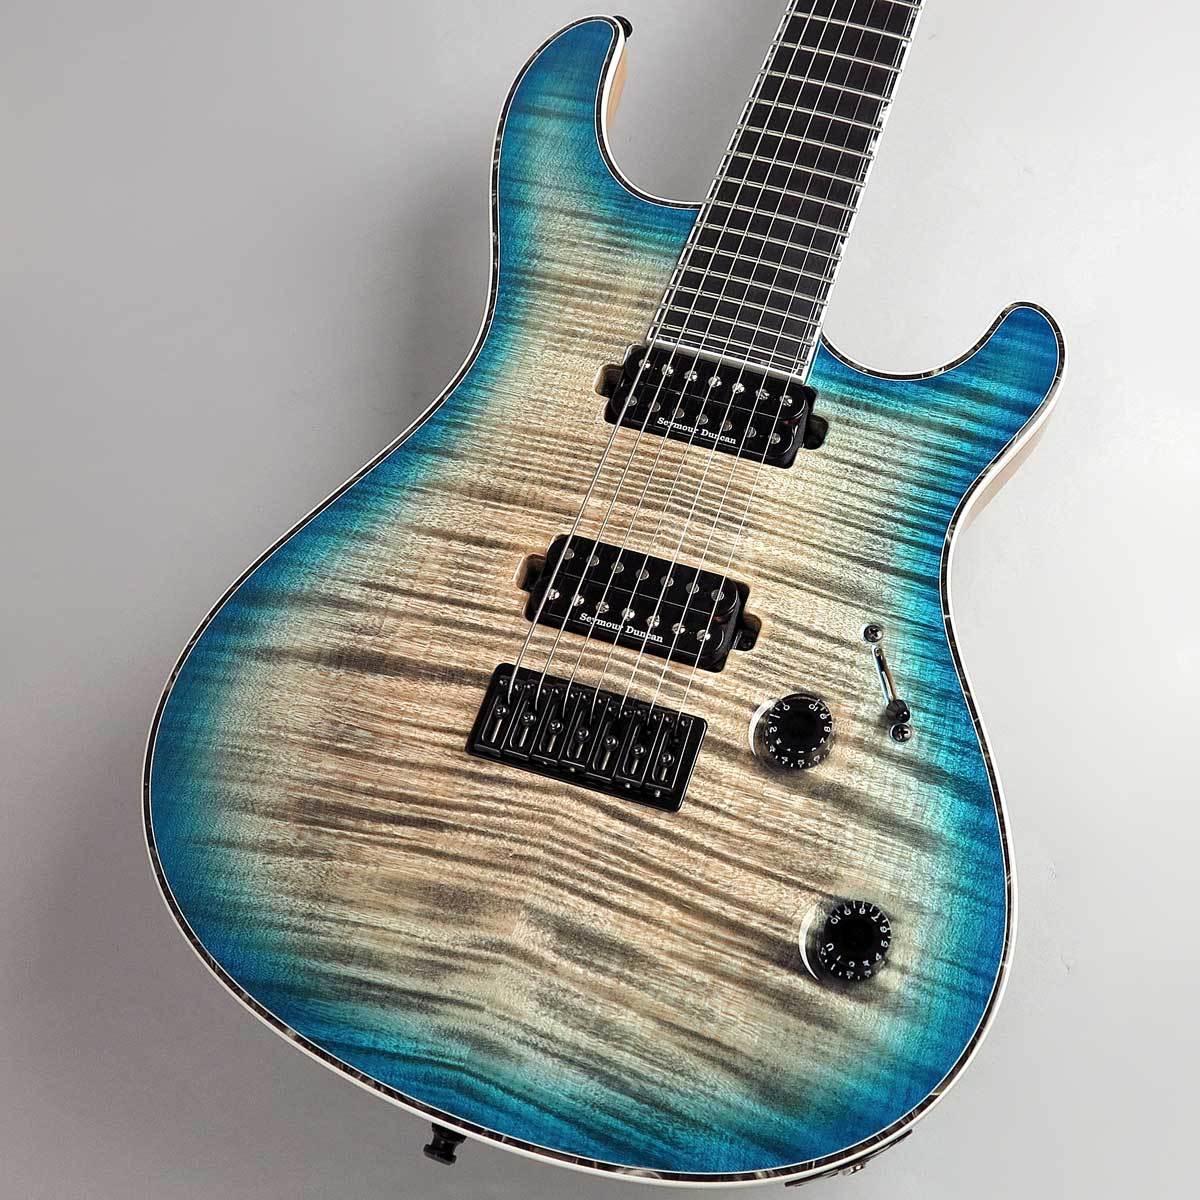 ギター, エレキギター MAYONES Regius 7st 4A Flame Maple Top JeansBlack2-ToneBlueBurst 7 PePe